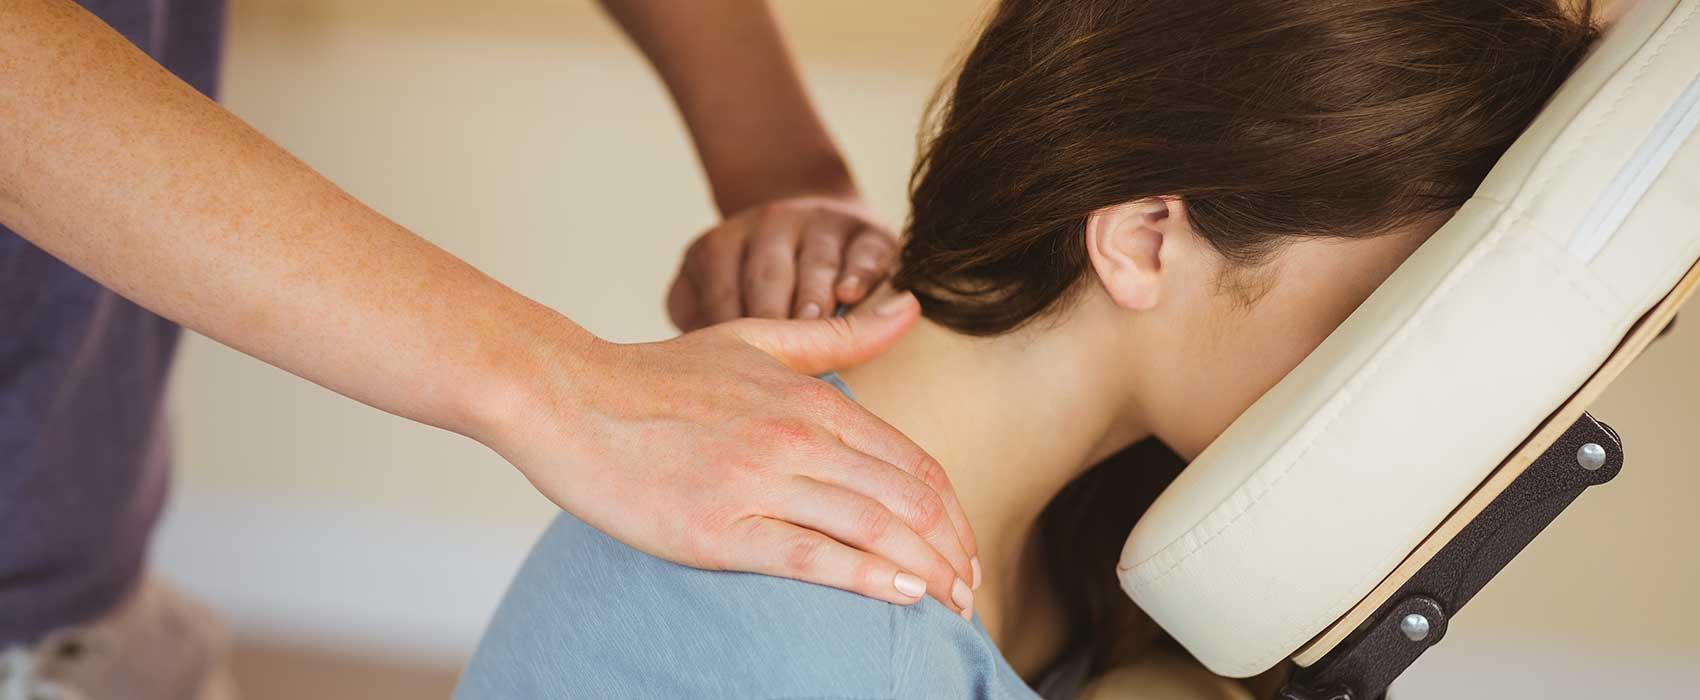 تقویت ریهها با ماساژ  این نواحی از بدن برای پیشگیری از کرونا مفید است